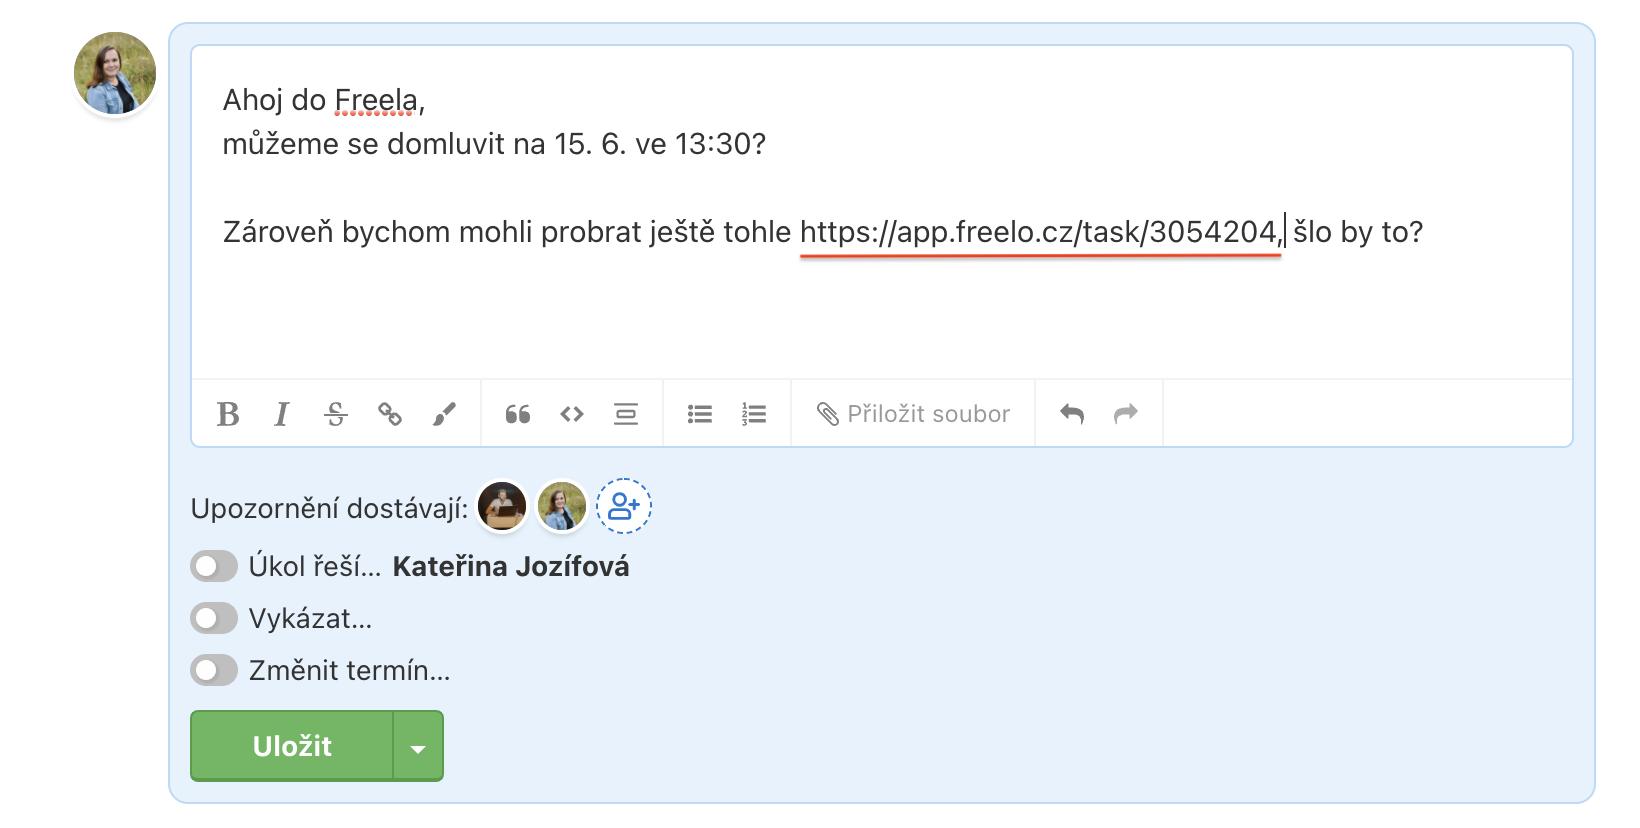 Ukázka rozepsaného komentáře s interním odkazem na jiný úkol ve Freelu.